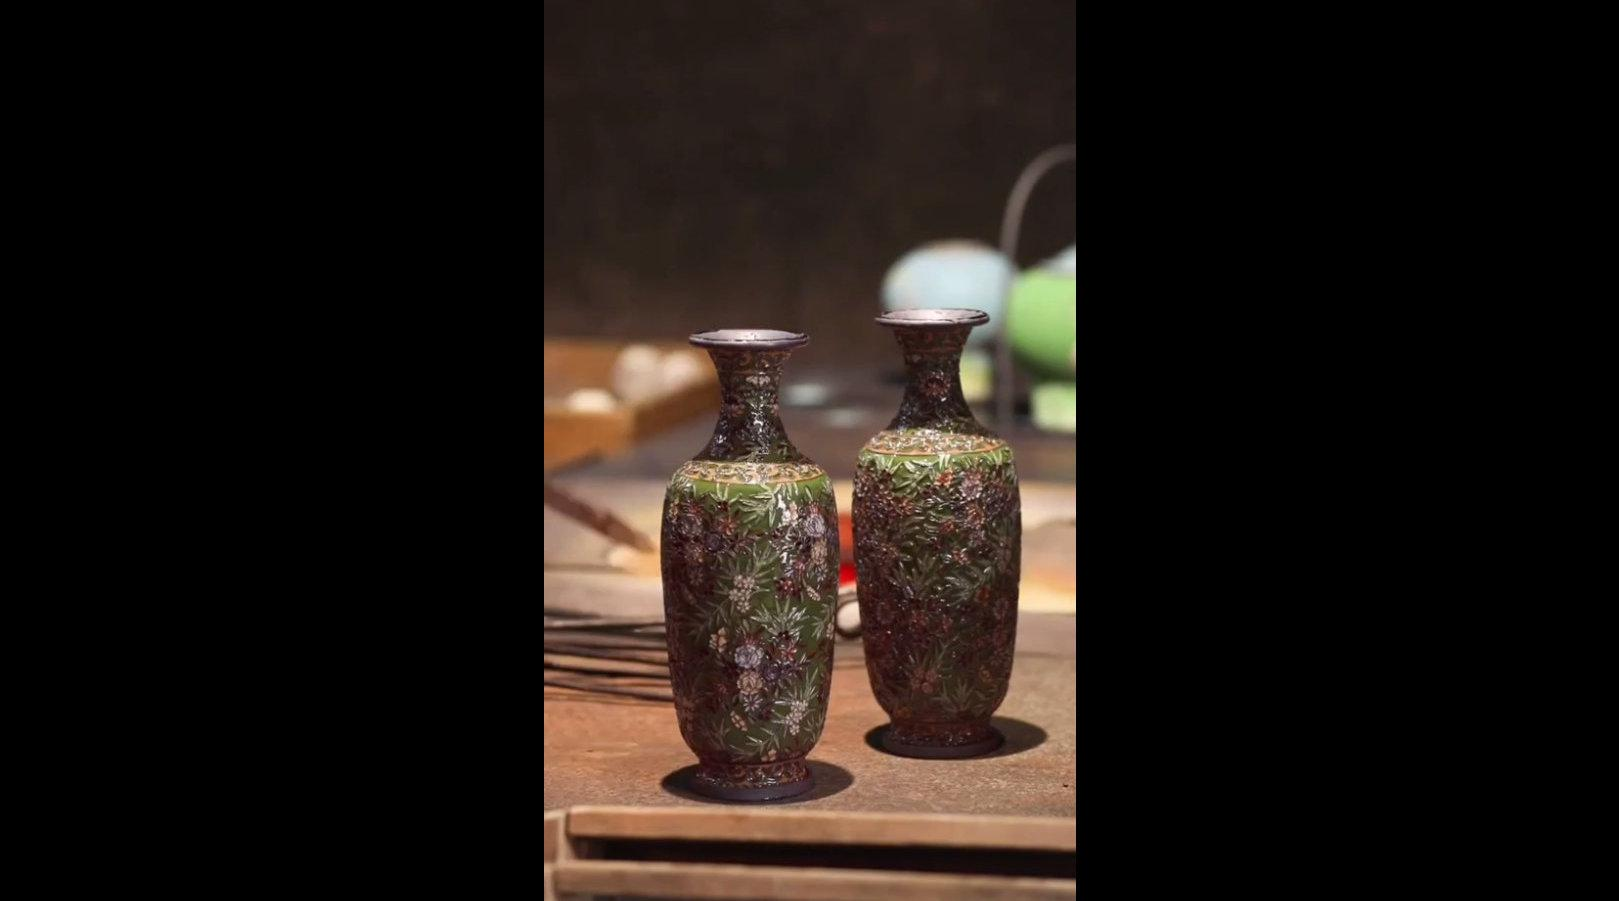 景泰蓝的制作工艺:烧蓝,美的瞬间绽放。 来源:景泰蓝钟连盛